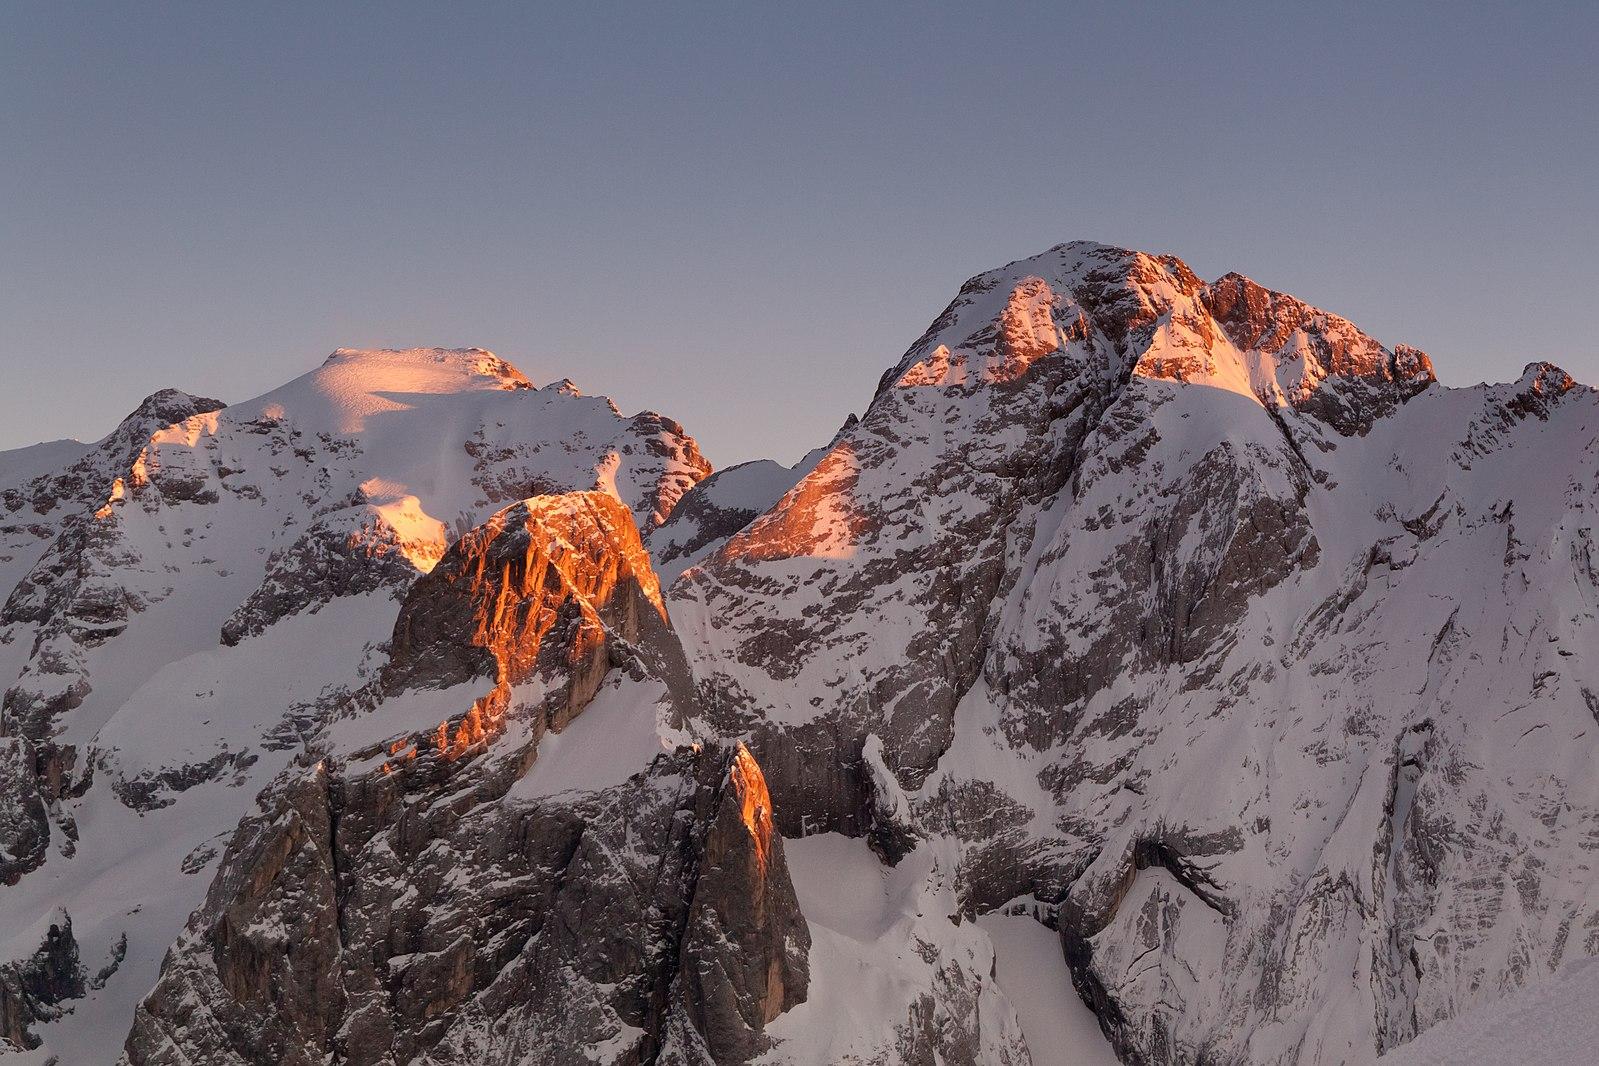 【義大利】健行在阿爾卑斯的絕美秘境:多洛米提山脈 (The Dolomites) 行程規劃全攻略 26